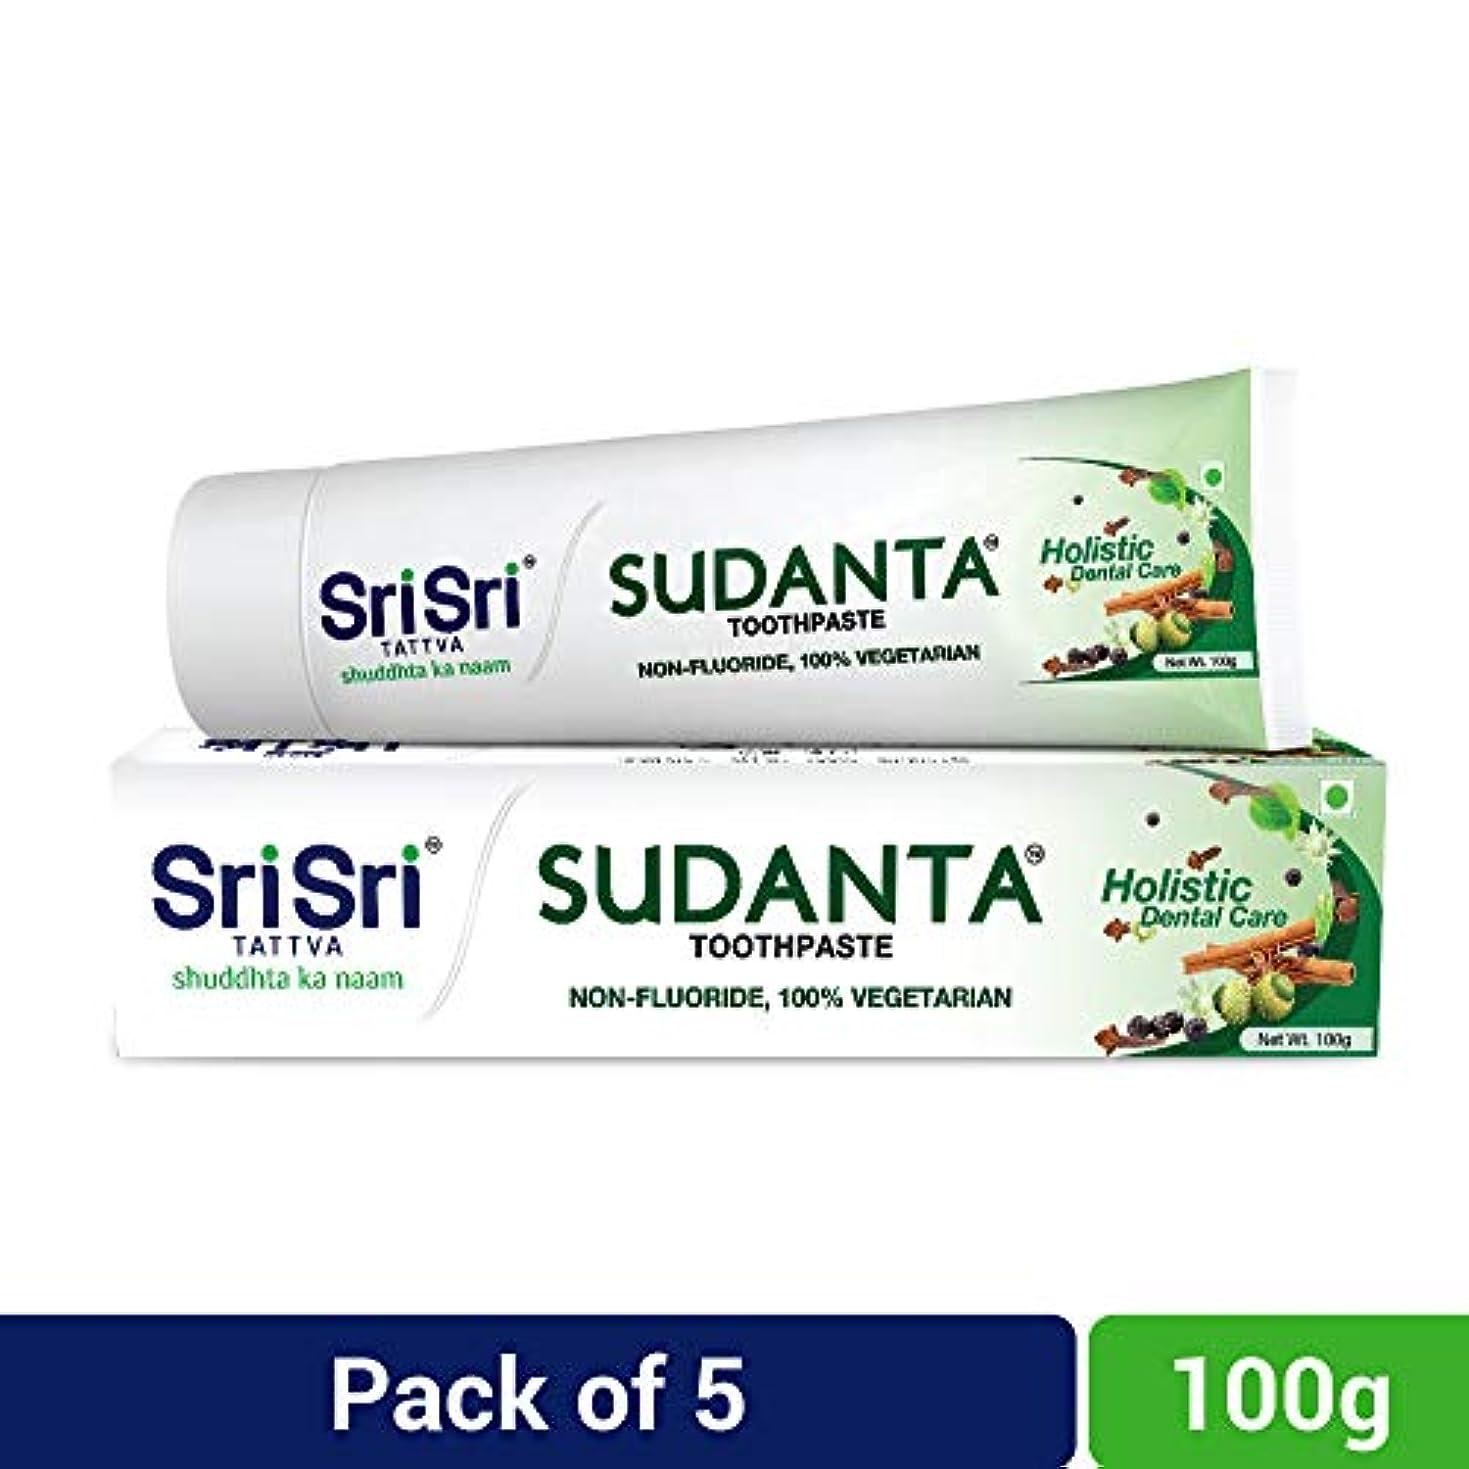 前提つなぐ楽しむSri Sri Tattva Sudanta Toothpaste, 500gm (100 x Pack of 5)